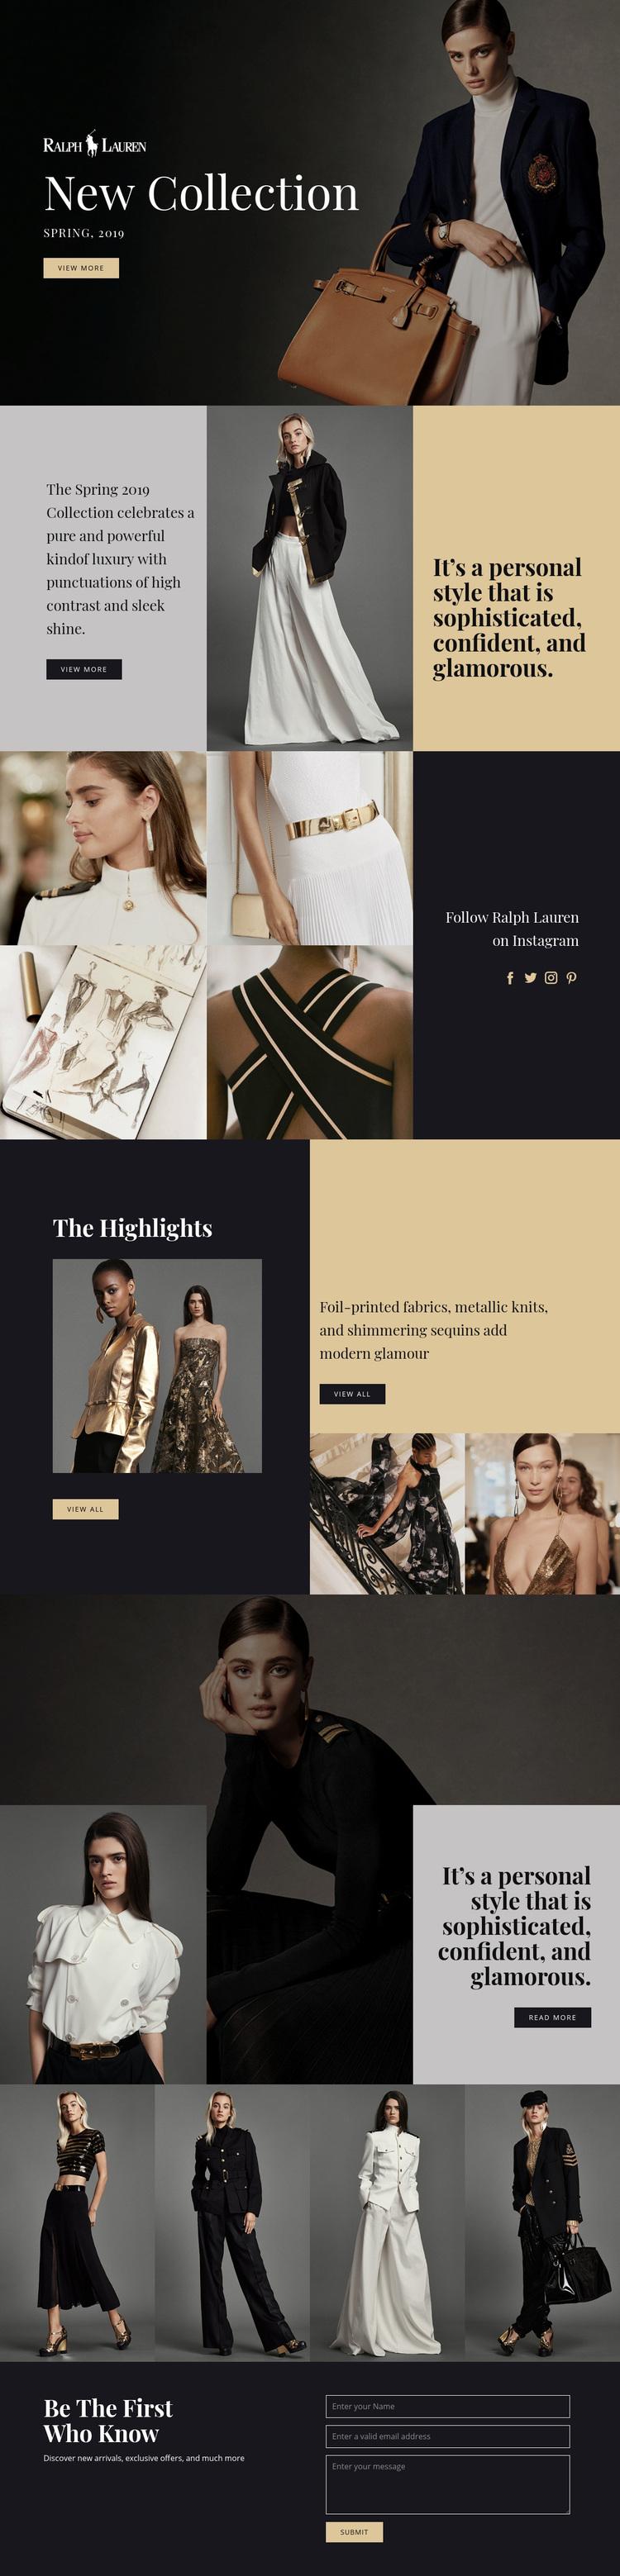 Ralph Lauren fashion Web Page Designer